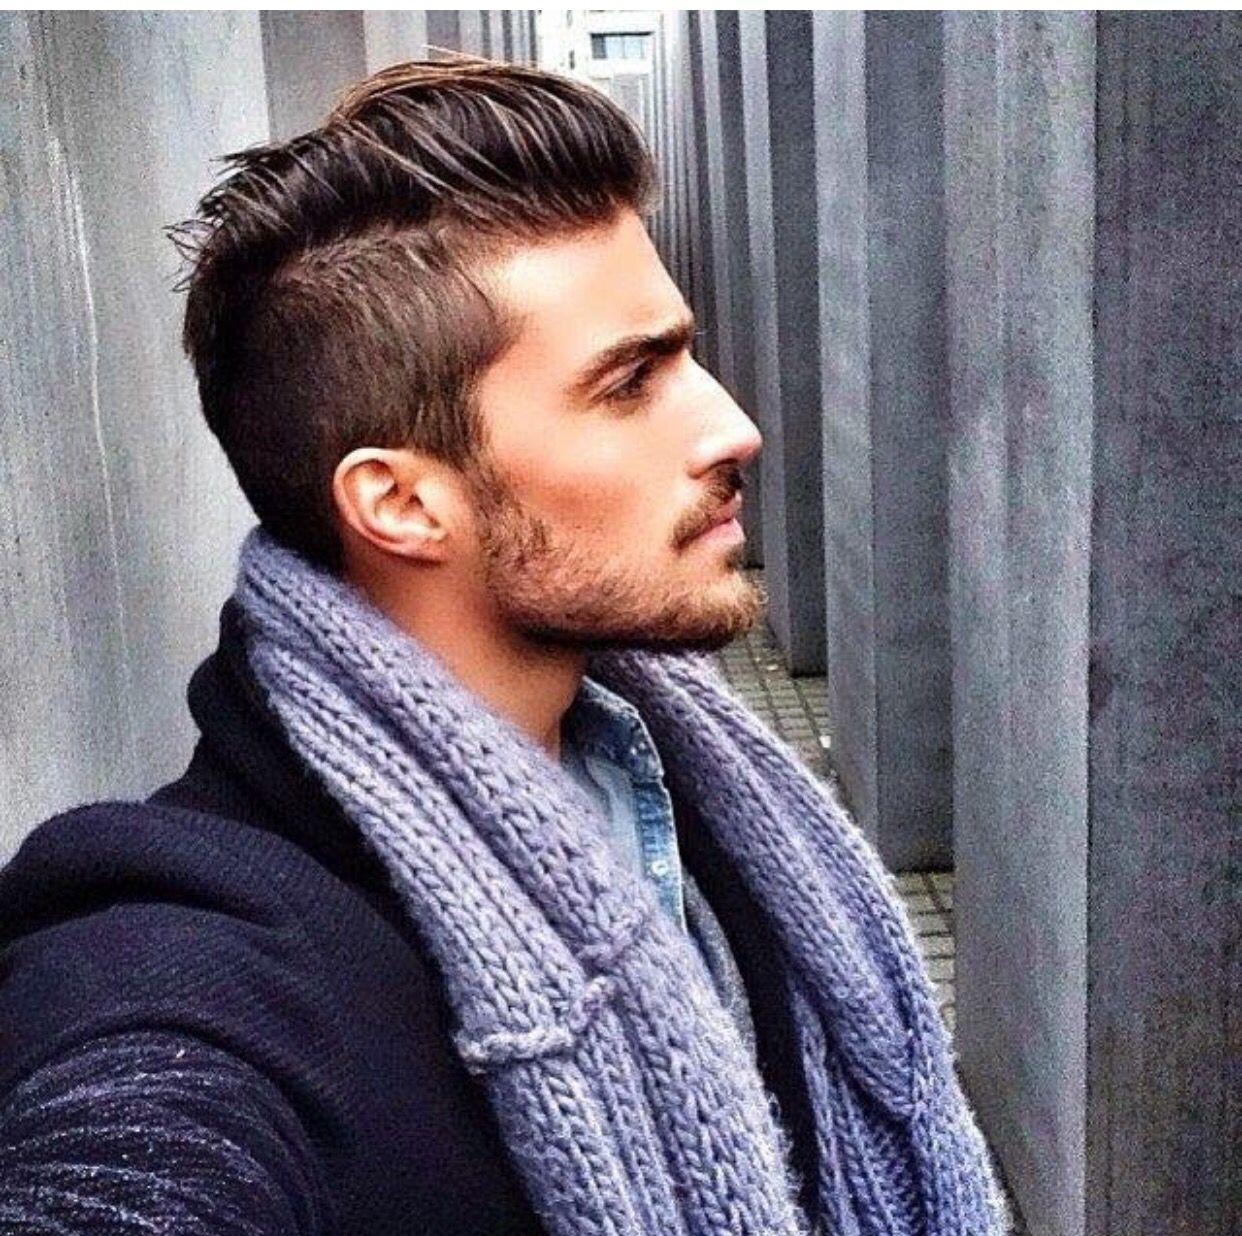 men's fashion | men cut | pinterest | haircuts, fashion and hair cuts